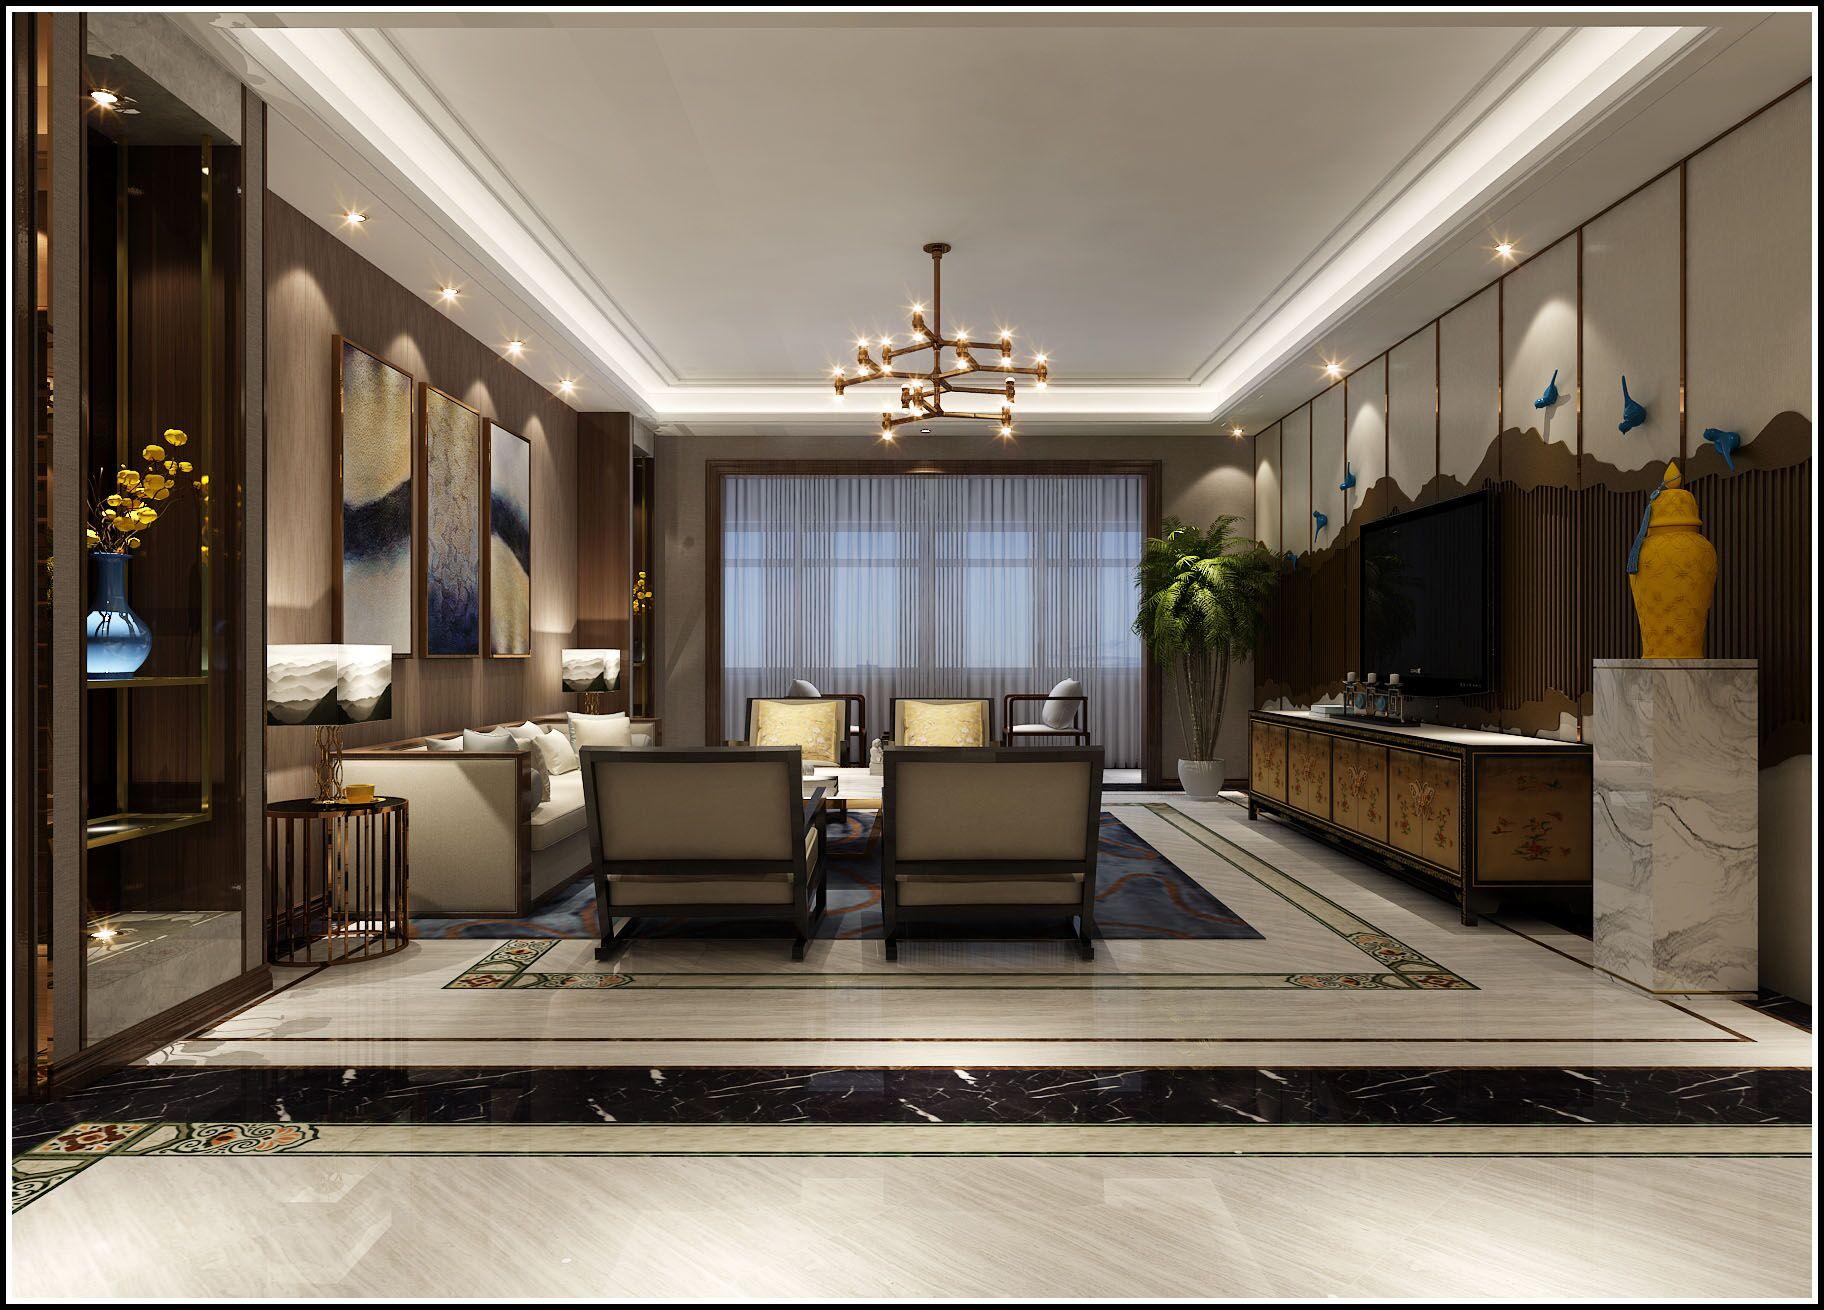 贵阳装修验收房屋必须知道的事情之瓷砖验收